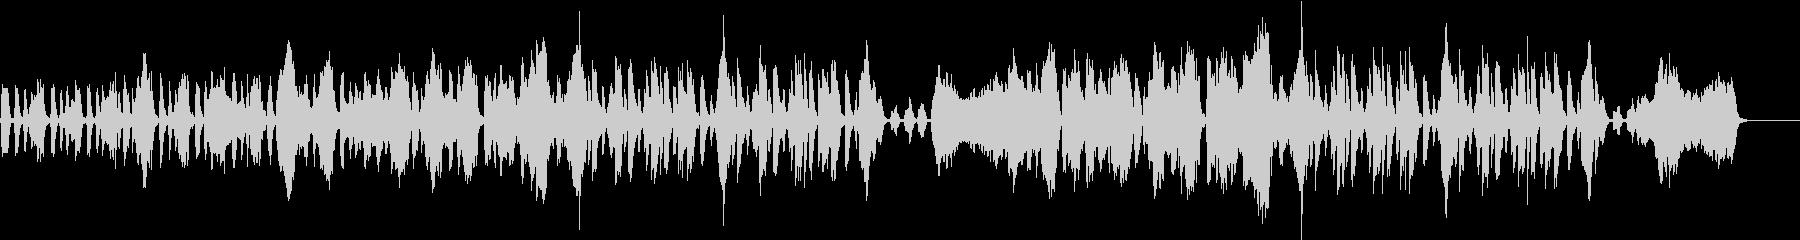 ポップ、爽やか、日常BGM_展開なしの未再生の波形